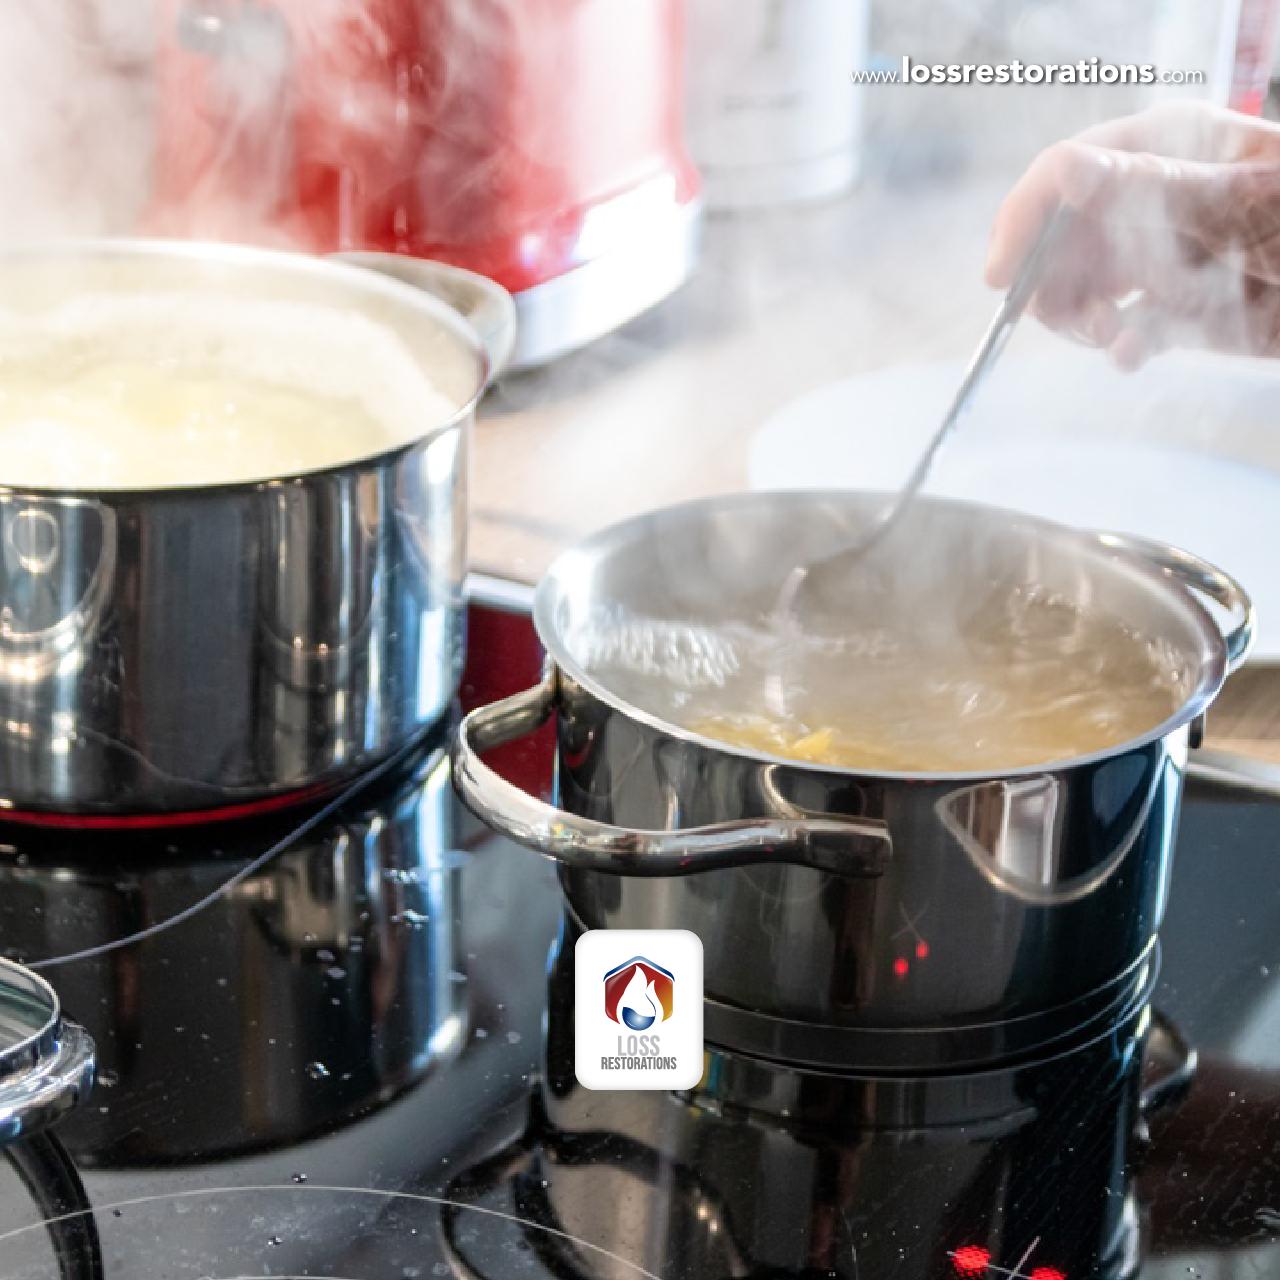 Cómo evitar los altos niveles de humedad en la cocina